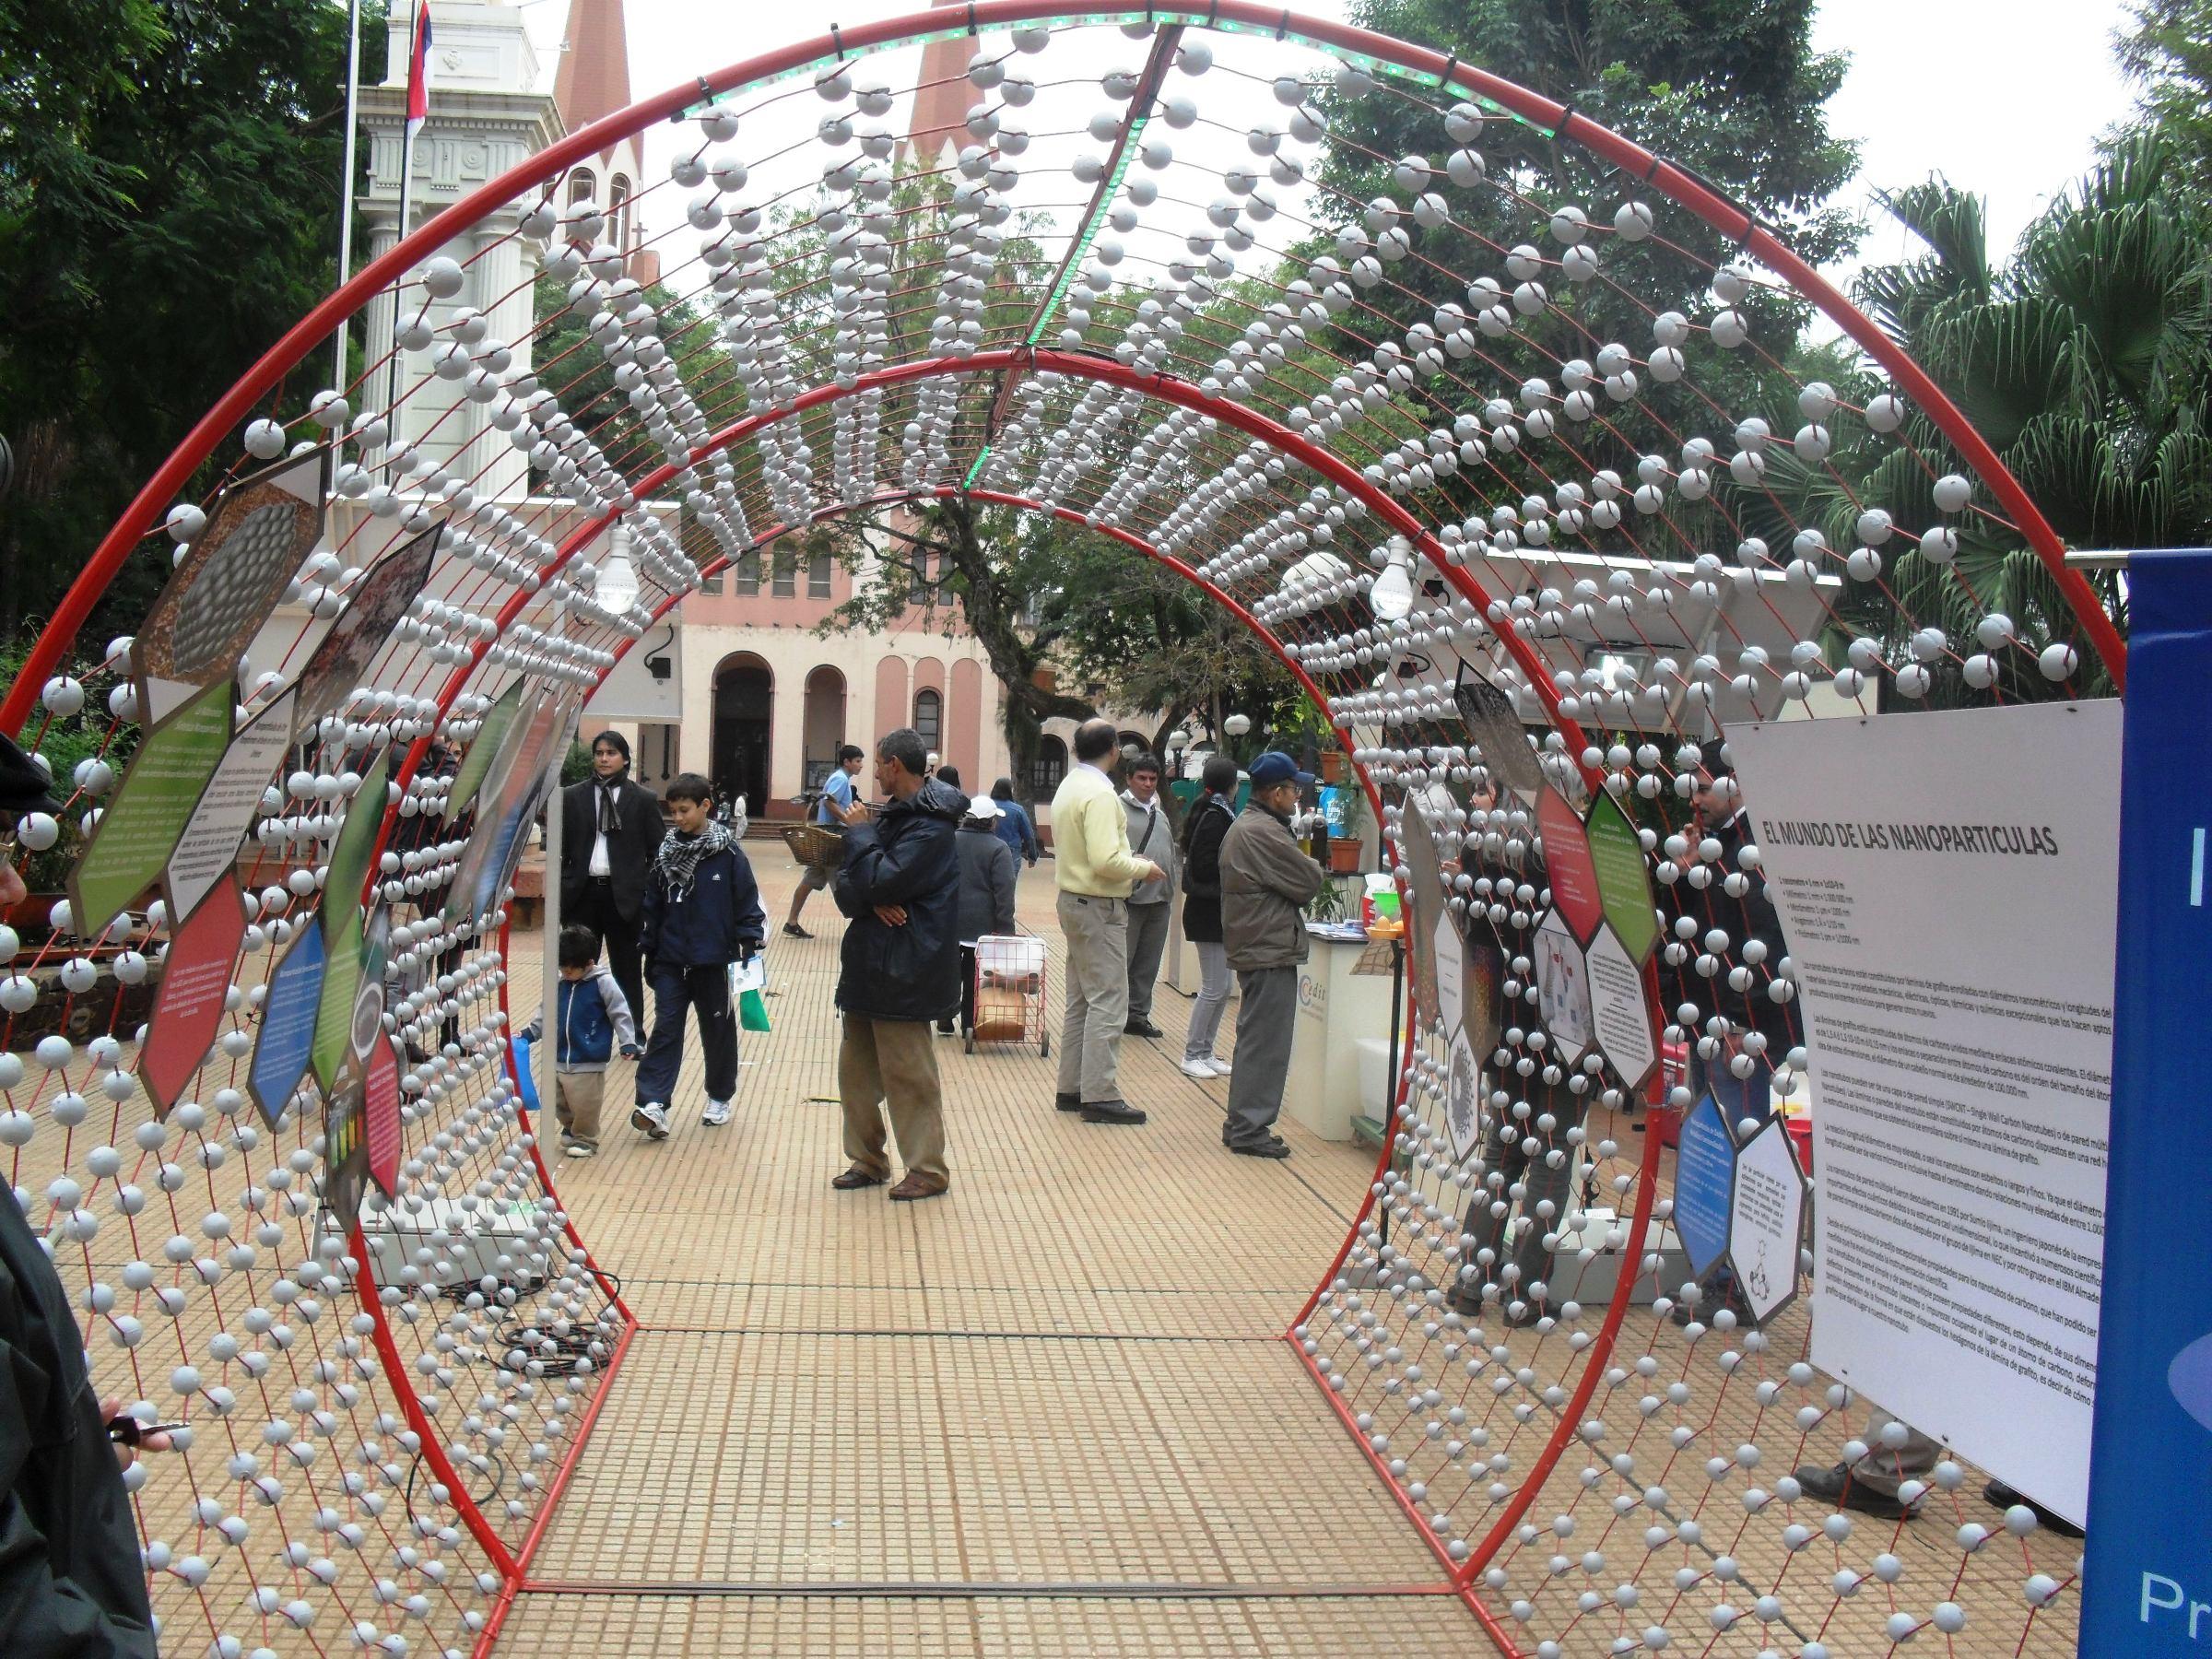 Exposición del nanotubo gigante en la plaza 9 de Julio.